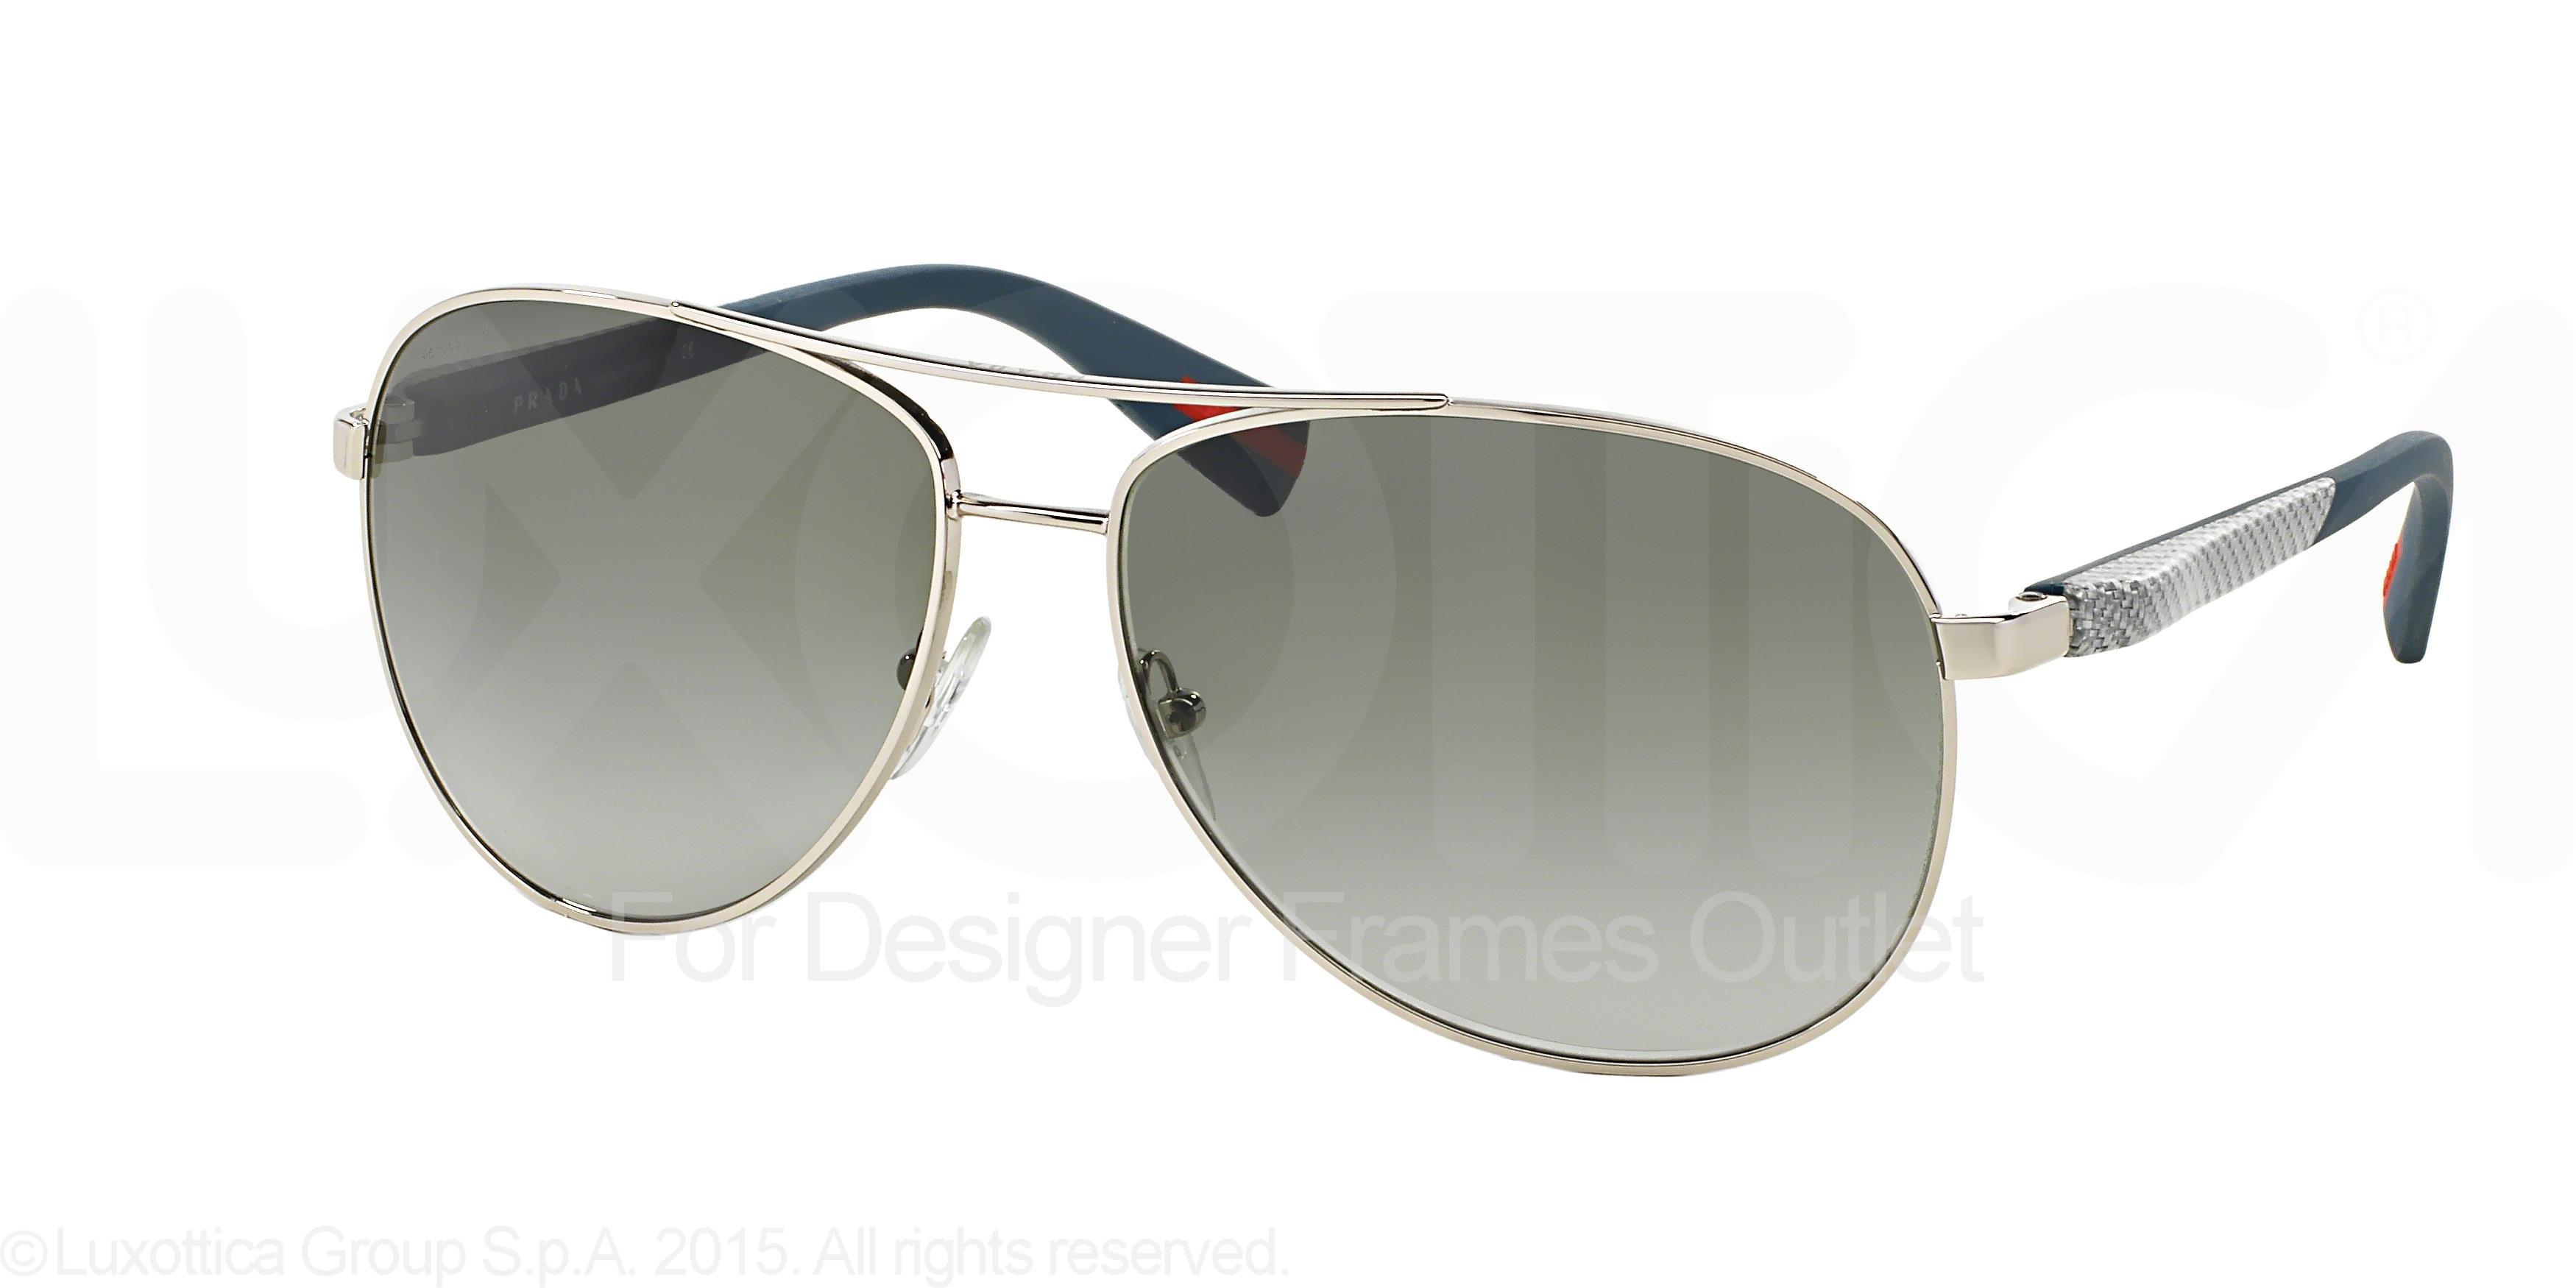 36d29f02ff ... new arrivals prada sport sunglasses ps 51os 1bc3m1 silver 62mm df0af  64e2c